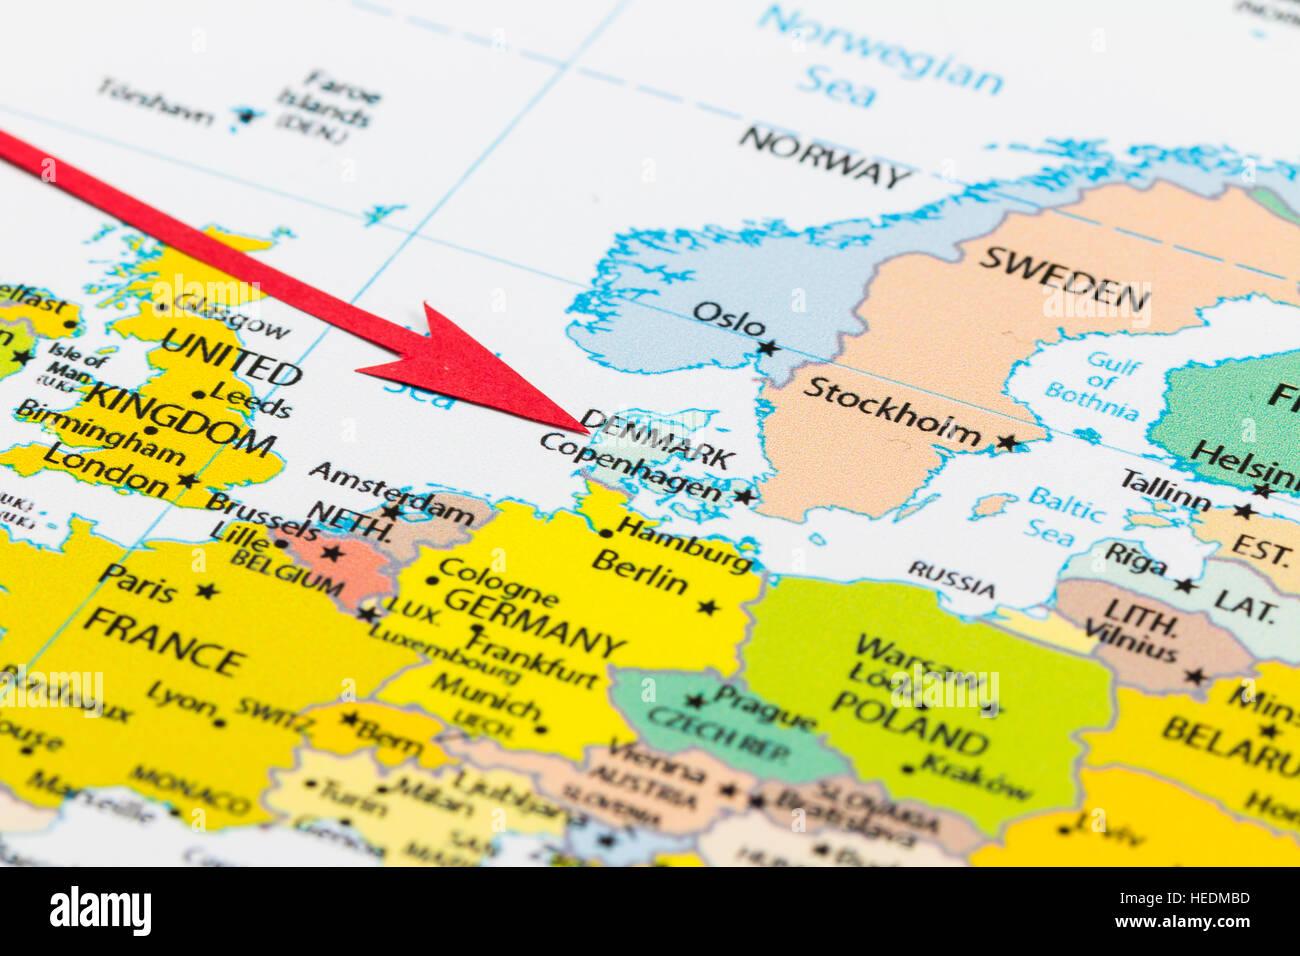 Denmark Europe Map Stockfotos & Denmark Europe Map Bilder ...